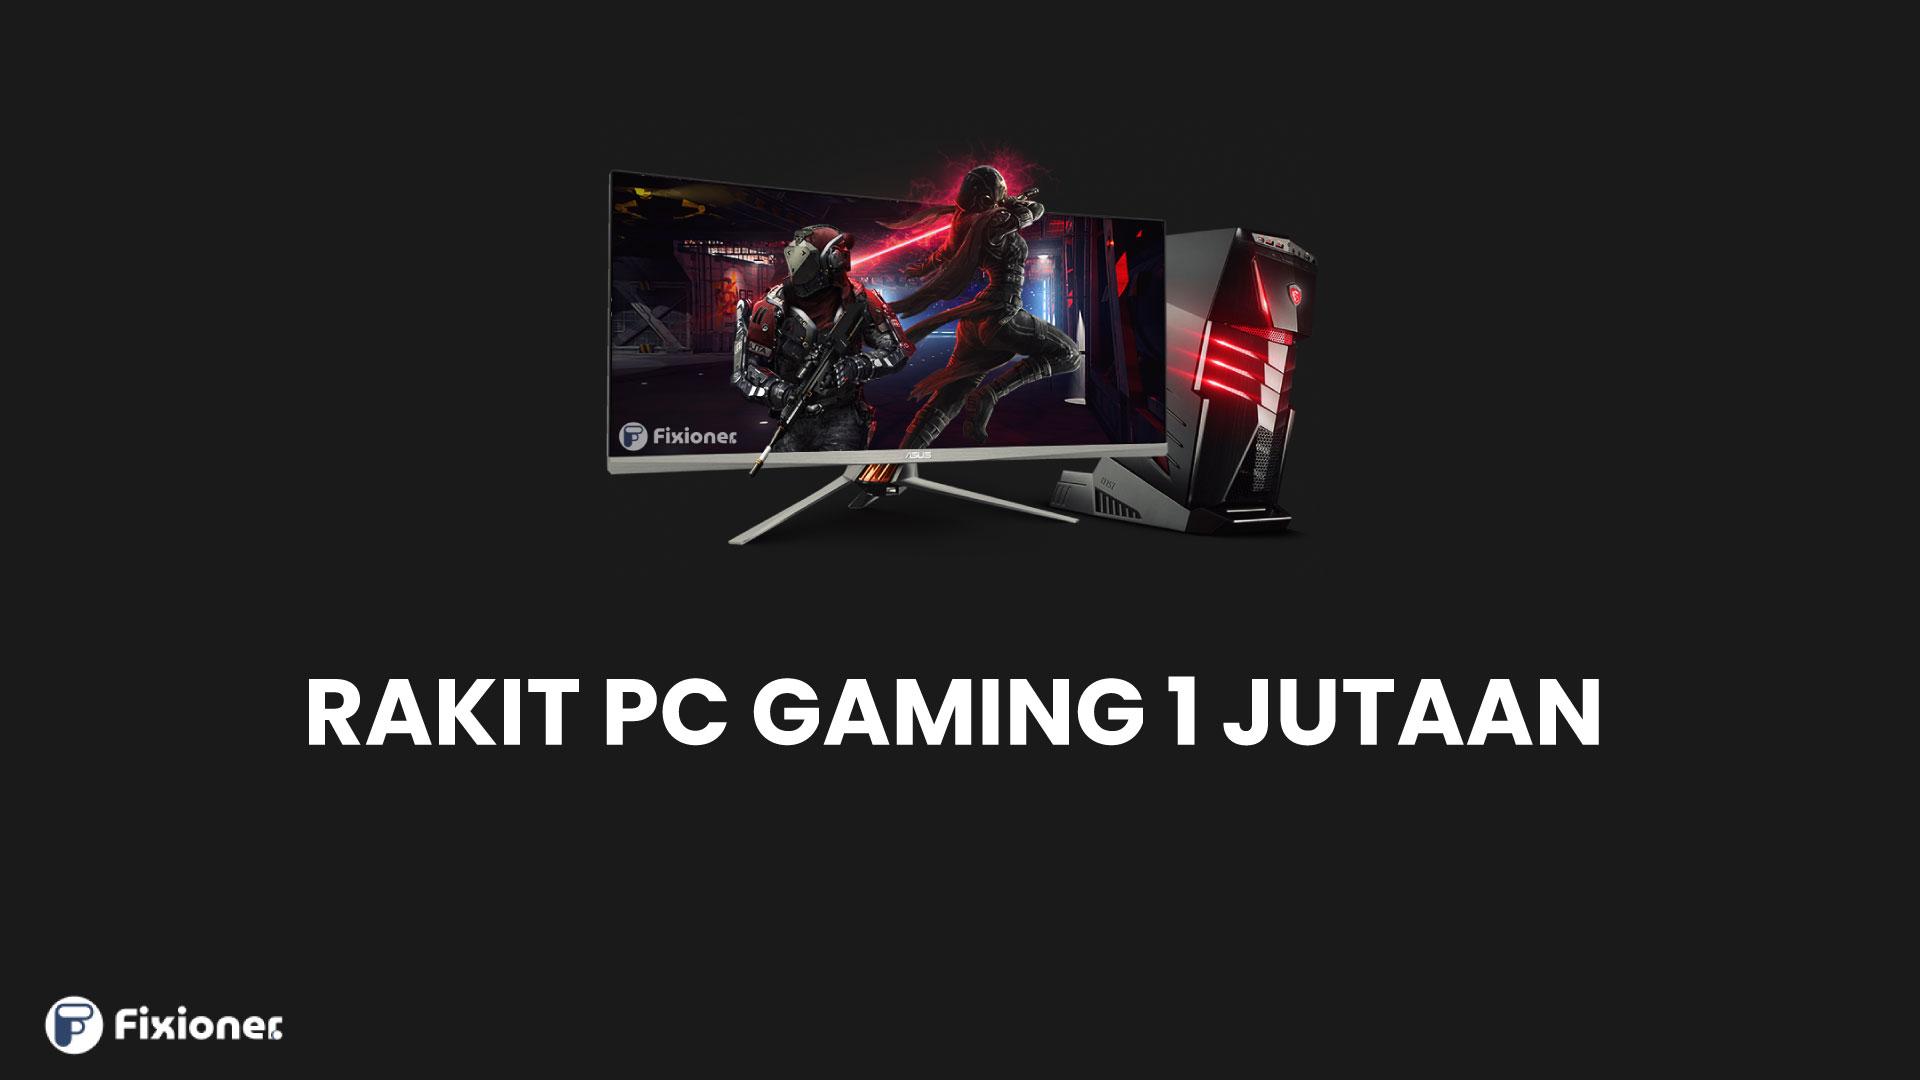 rakit pc gaming murah 1 jutaan